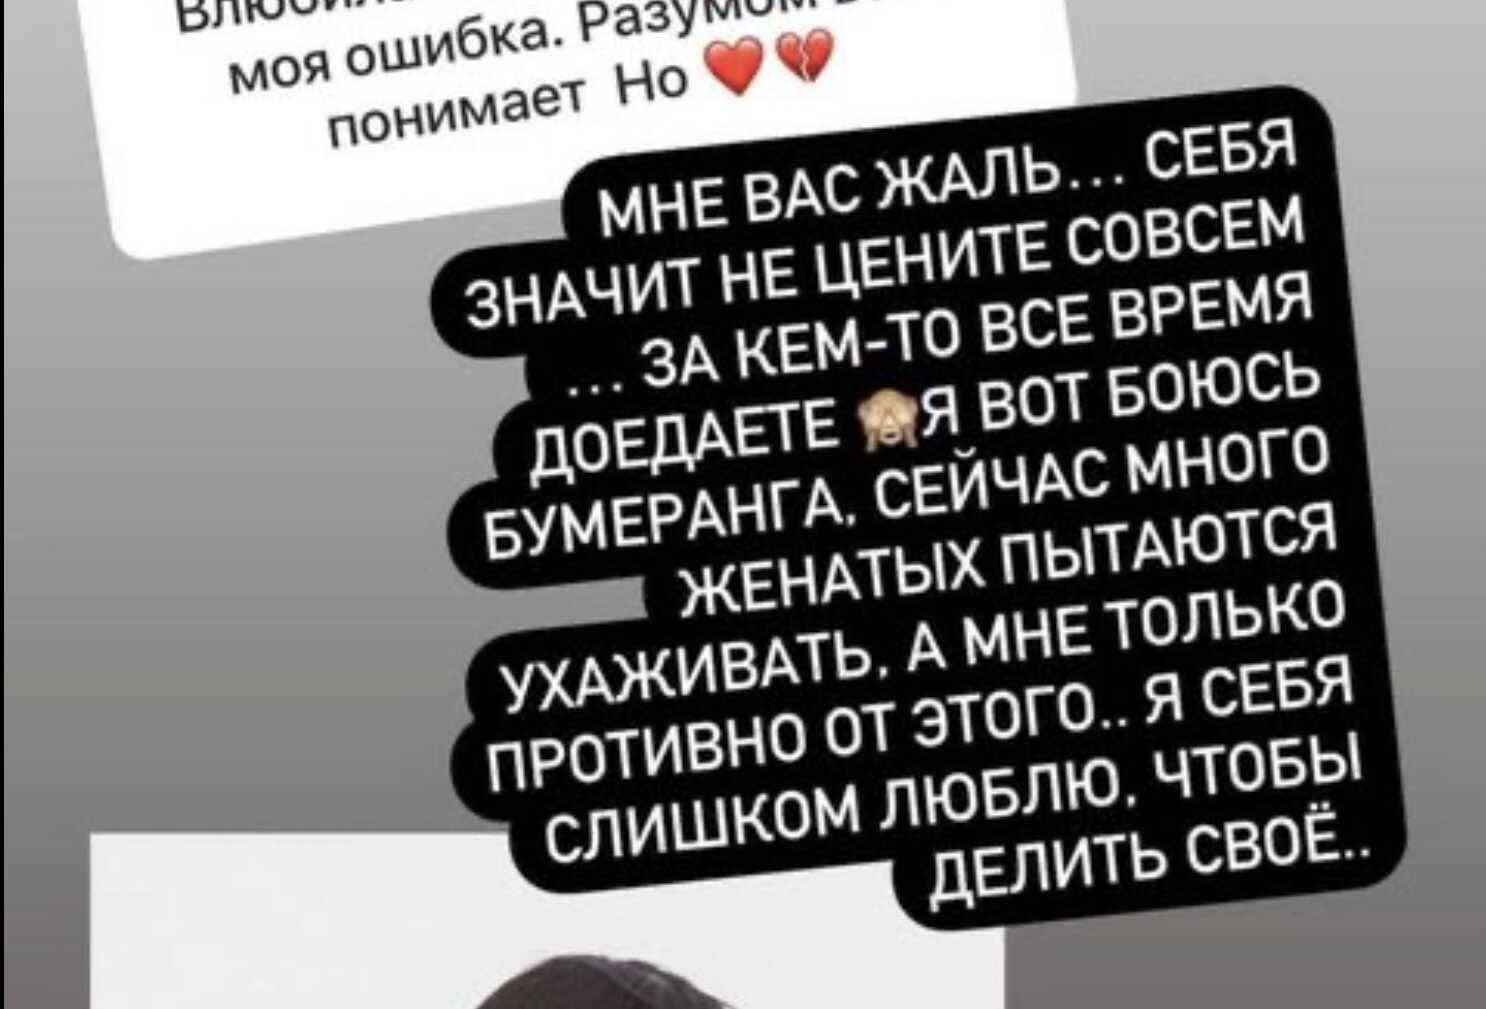 Ксения Бородина объяснила, почему боится связываться с женатыми мужчинами